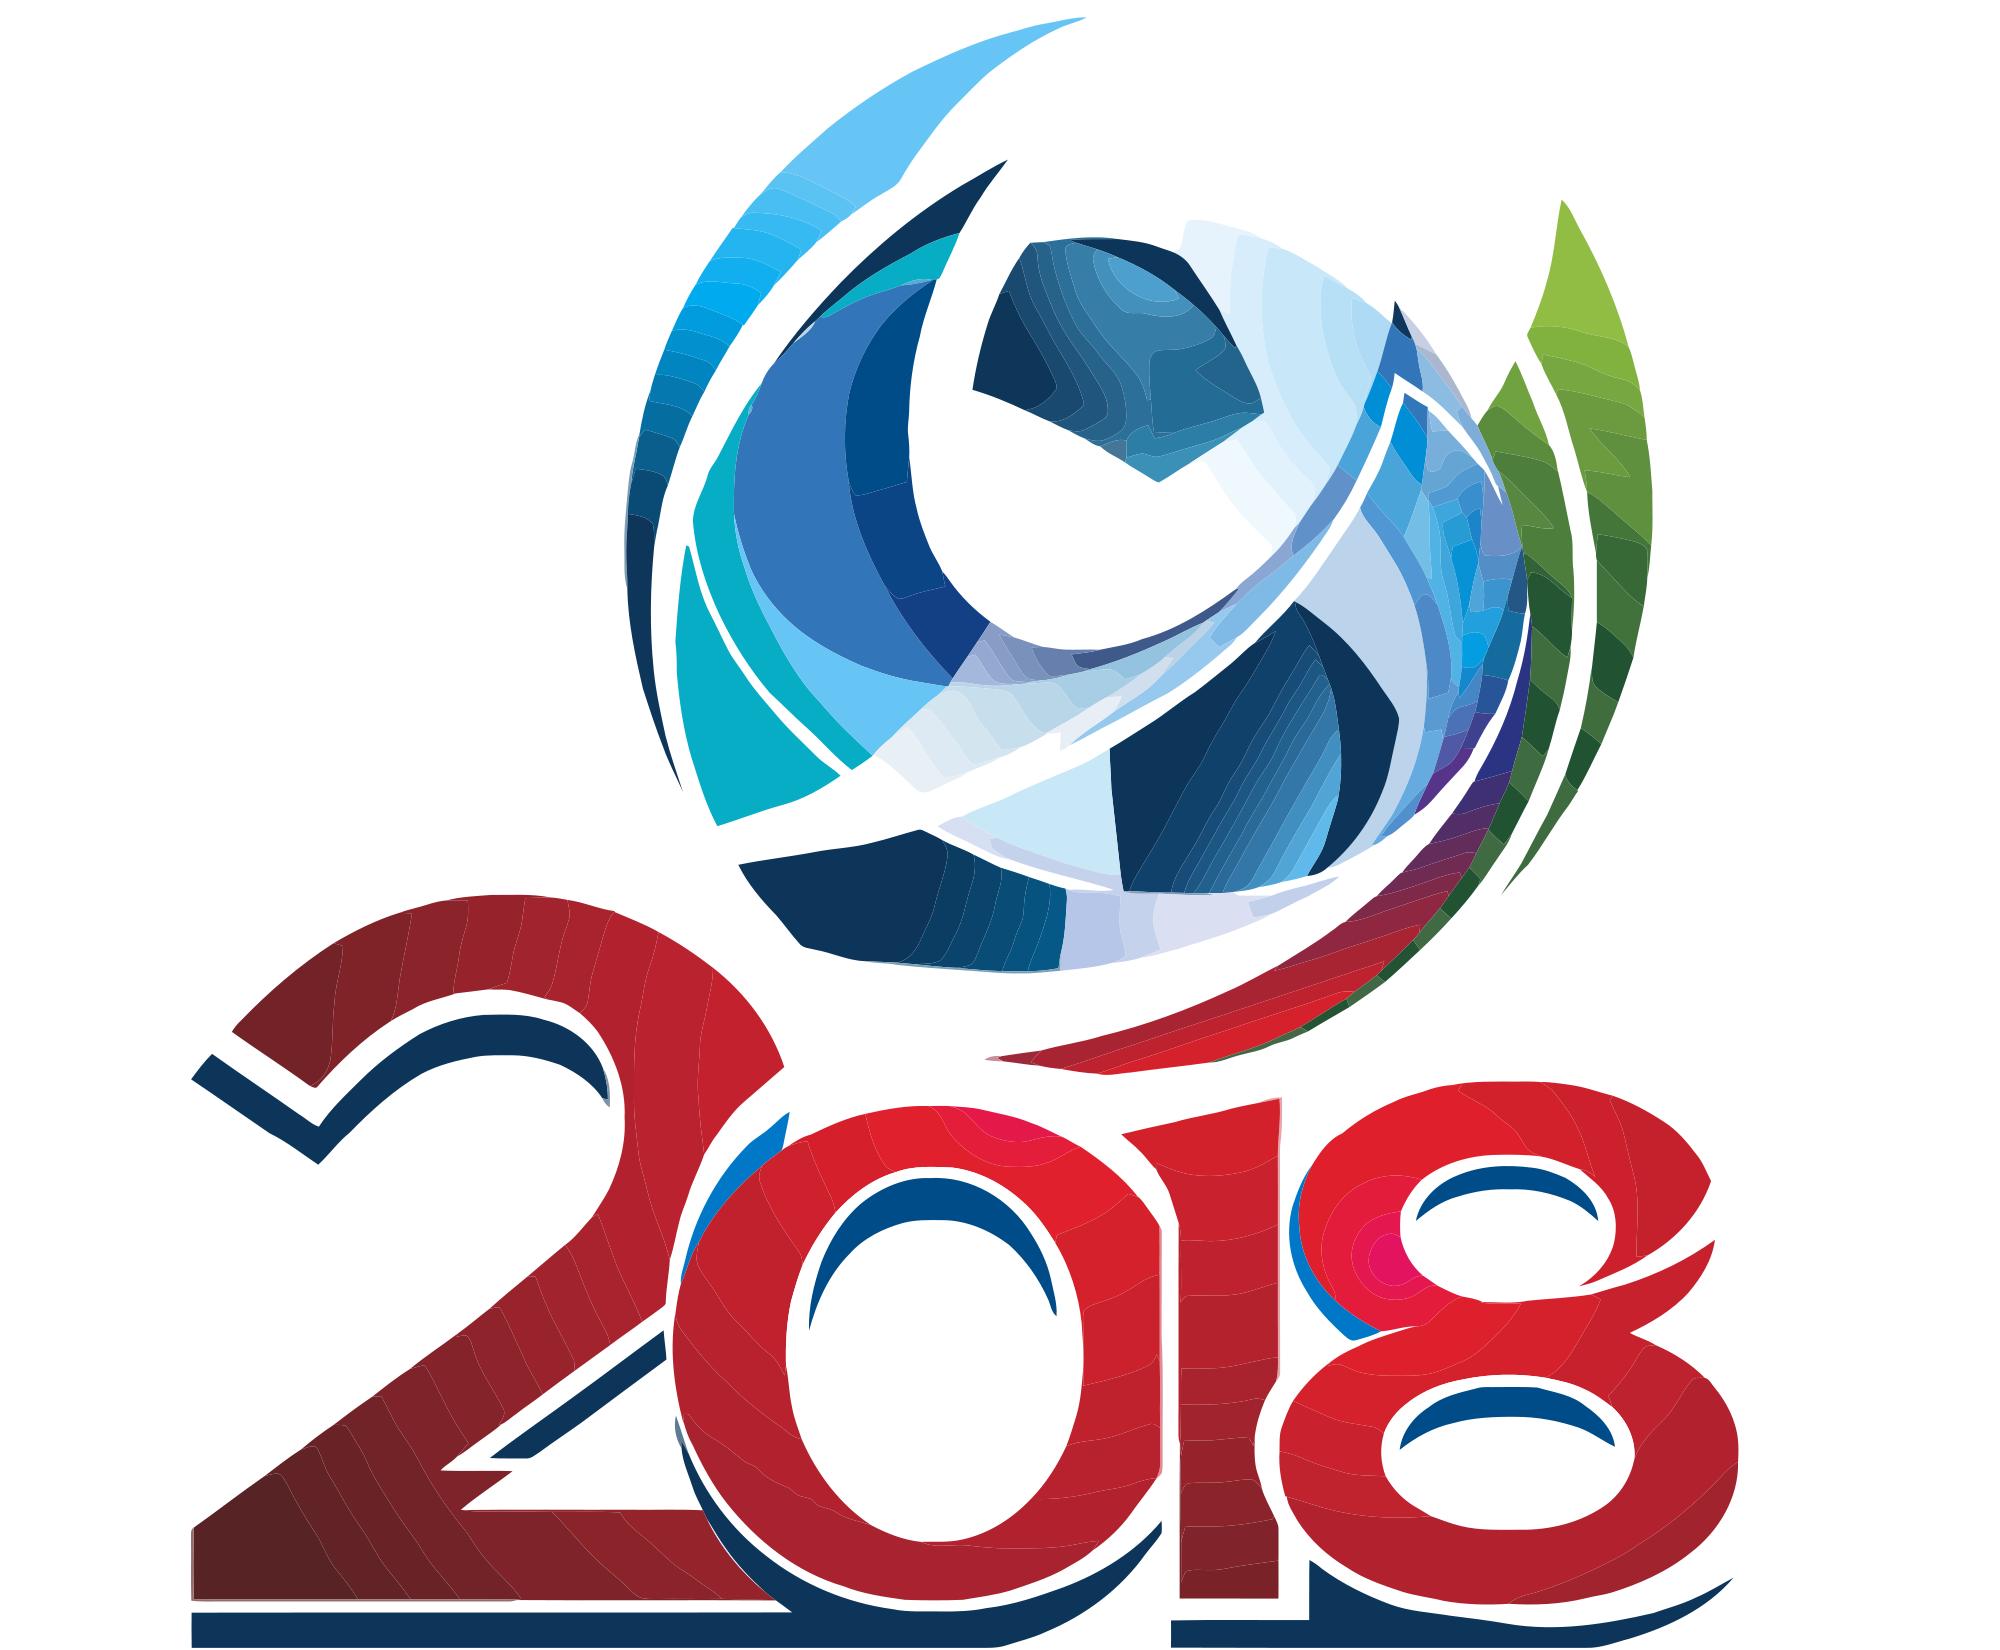 World cup logo Wallpaper